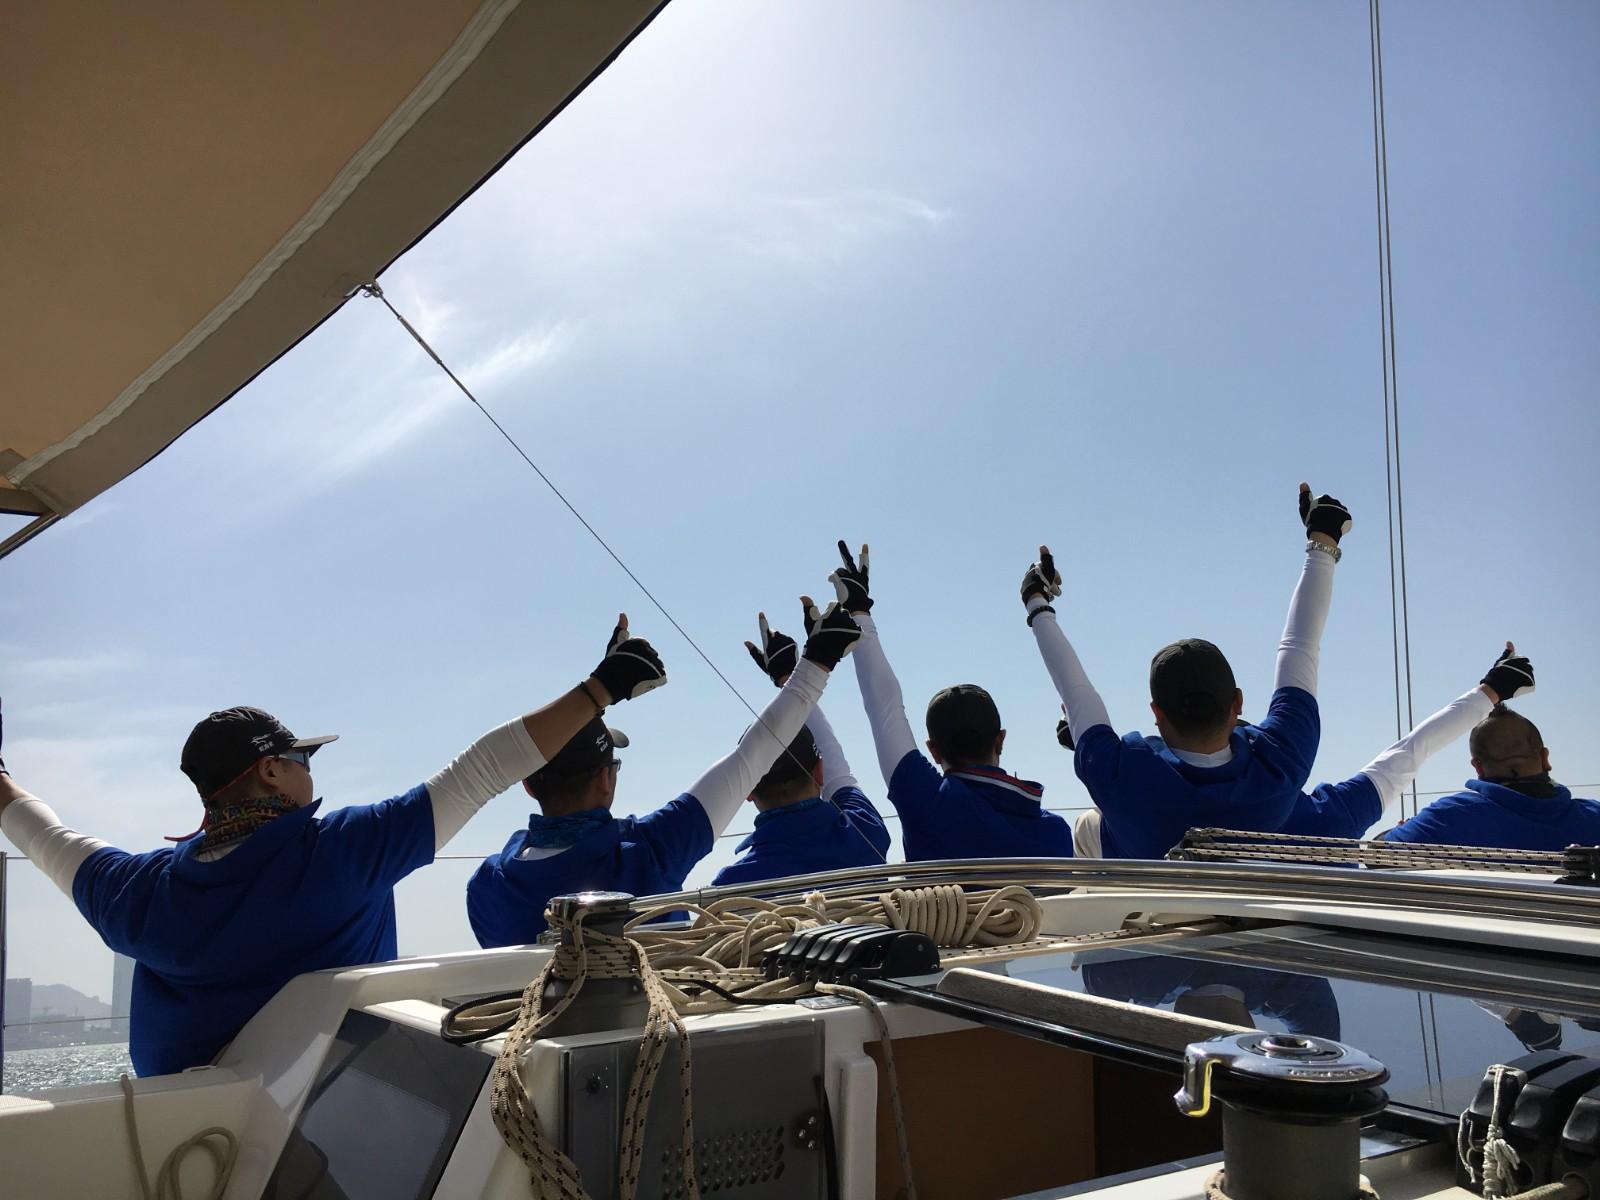 我们为什么要参与帆船运动理由之一